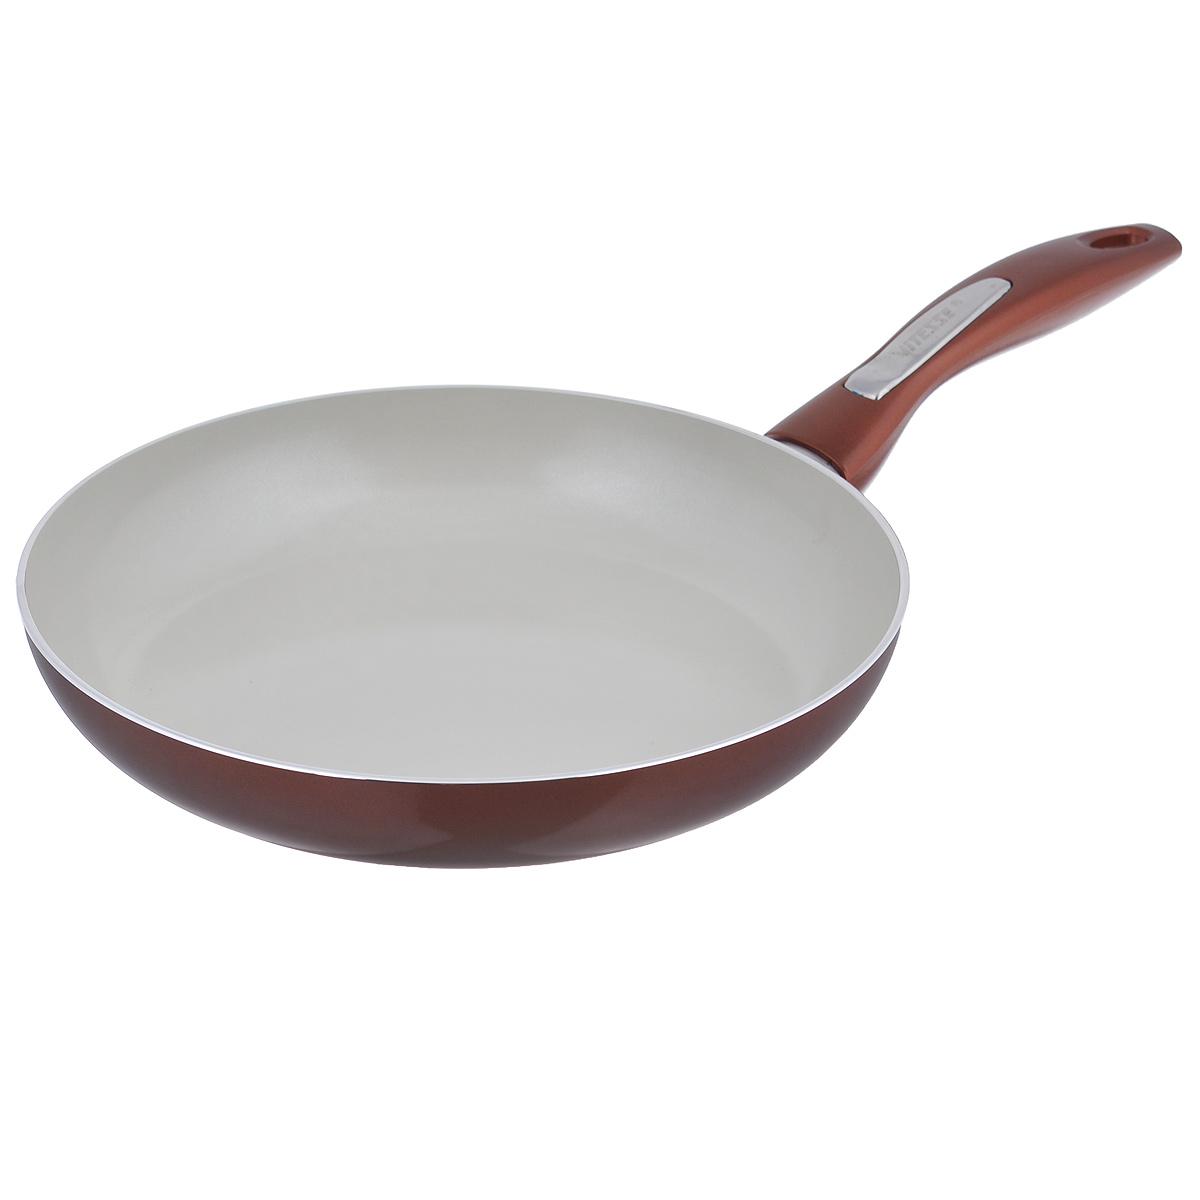 Сковорода Vitesse Le Grande, с керамическим покрытием, цвет: коричневый. Диаметр 26 см. VS-2249VS-2249Сковорода Vitesse Le Grande изготовлена из высококачественного алюминия с внутренним керамическим покрытием премиум-класса Eco-Cera. Благодаря керамическому покрытию пища не пригорает и не прилипает к поверхности сковороды, что позволяет готовить с минимальным количеством масла. Кроме того, такое покрытие абсолютно безопасно для здоровья человека, так как не содержит вредной примеси PFOA. Покрытие стойко к высоким температурам (до 450 °С), устойчиво к царапинам. Внешнее силиконовое покрытие обеспечивает легкую чистку. Дно сковороды снабжено антидеформационным индукционным диском. Сковорода быстро разогревается, распределяя тепло по всей поверхности, что позволяет готовить в энергосберегающем режиме, значительно сокращая время, проведенное у плиты. Сковорода оснащена бакелитовой, высокопрочной, огнестойкой, не нагревающейся ручкой удобной формы. Сковорода пригодна для использования на всех типах плит, включая индукционные. Подходит для чистки в...